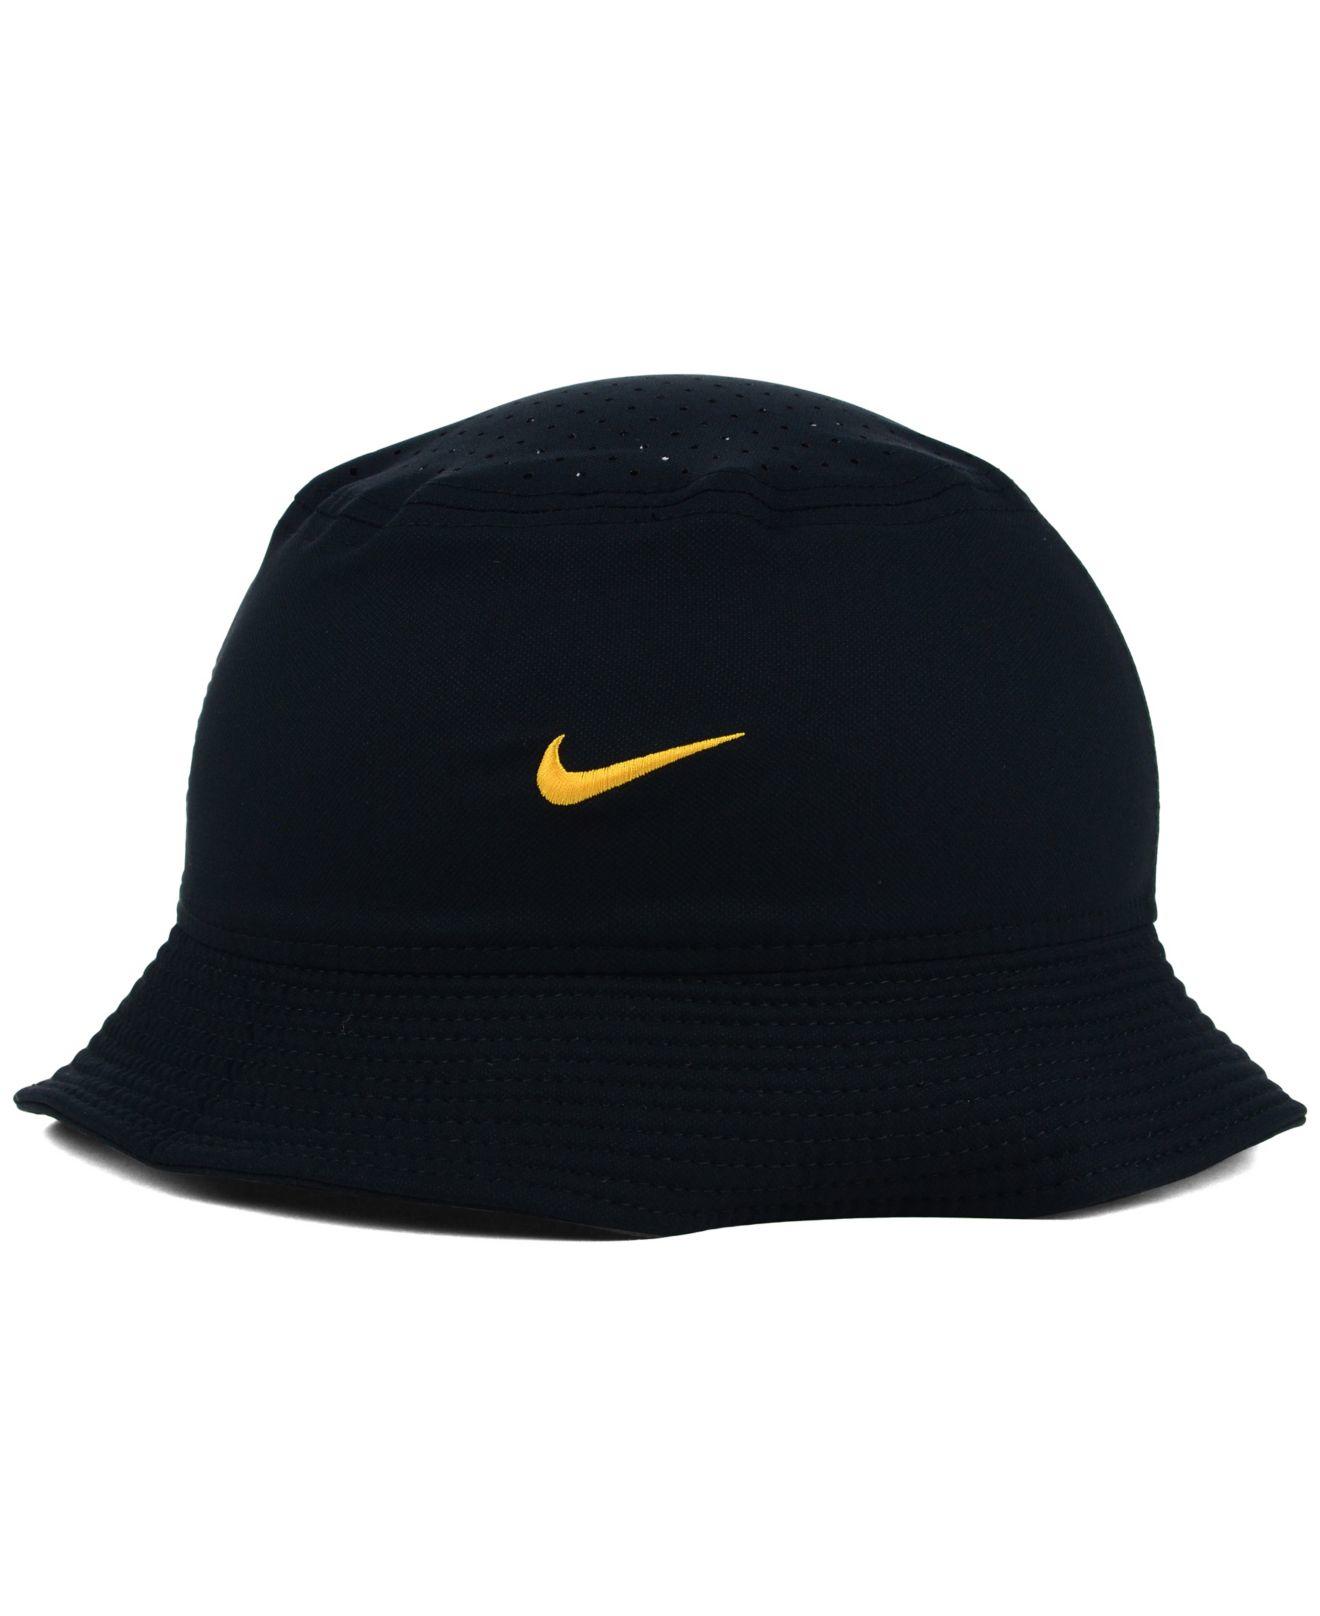 16cf94a521a ... denmark lyst nike iowa hawkeyes vapor bucket hat in black for men bf4d1  d1490